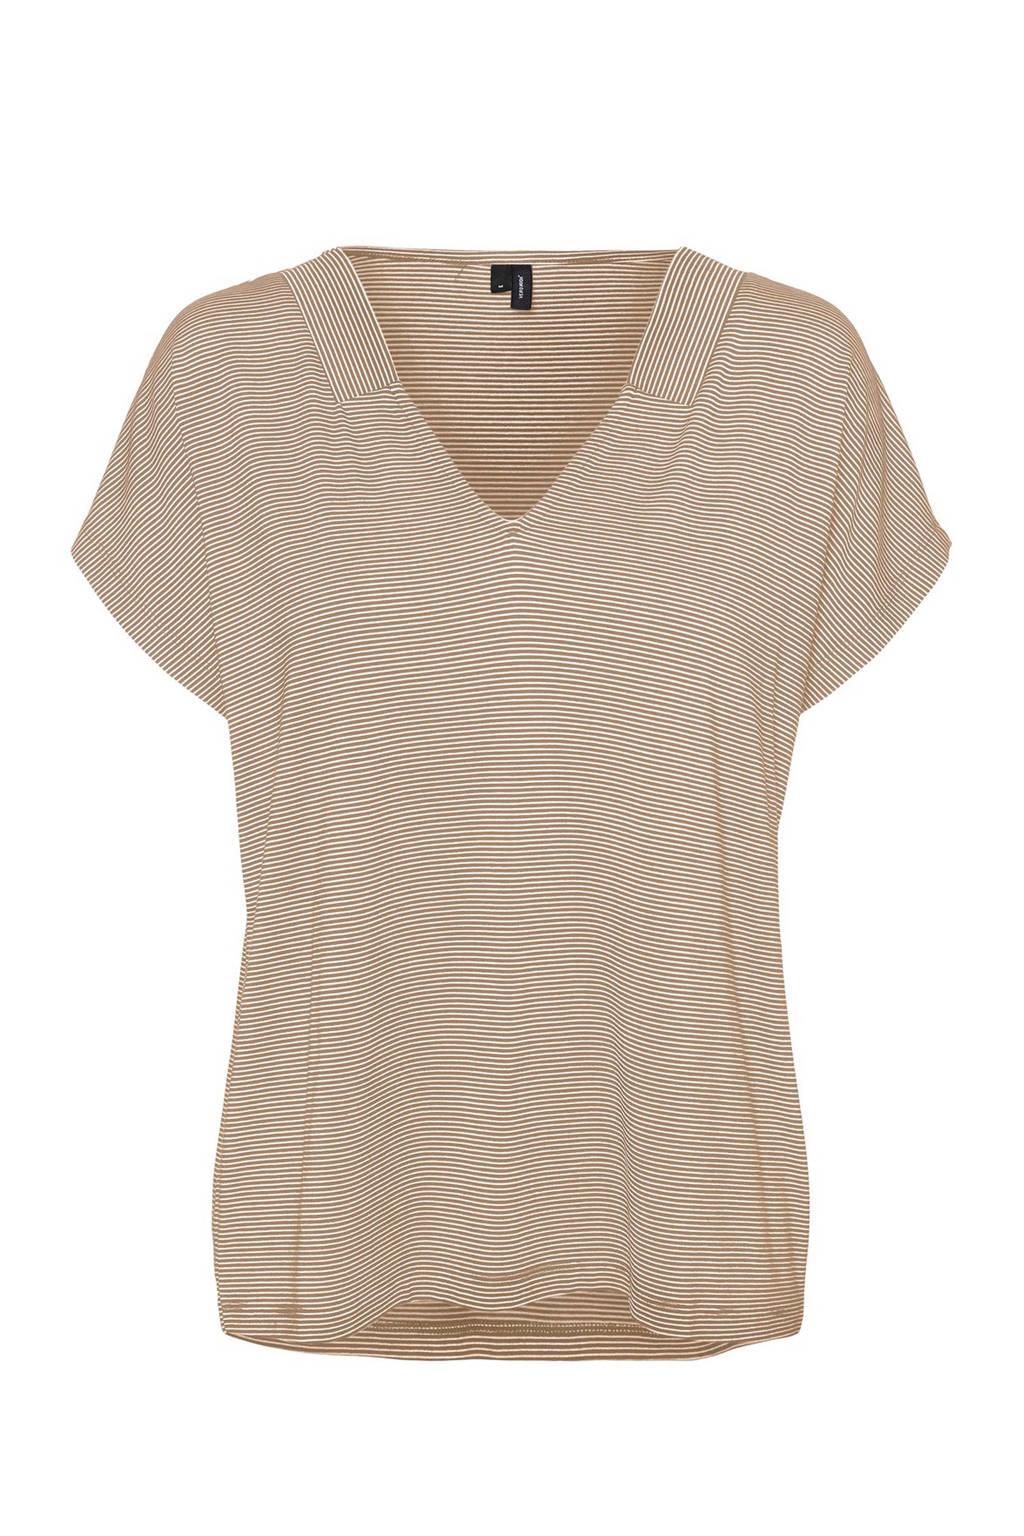 VERO MODA gestreept T-shirt bruin/wit, Bruin/wit